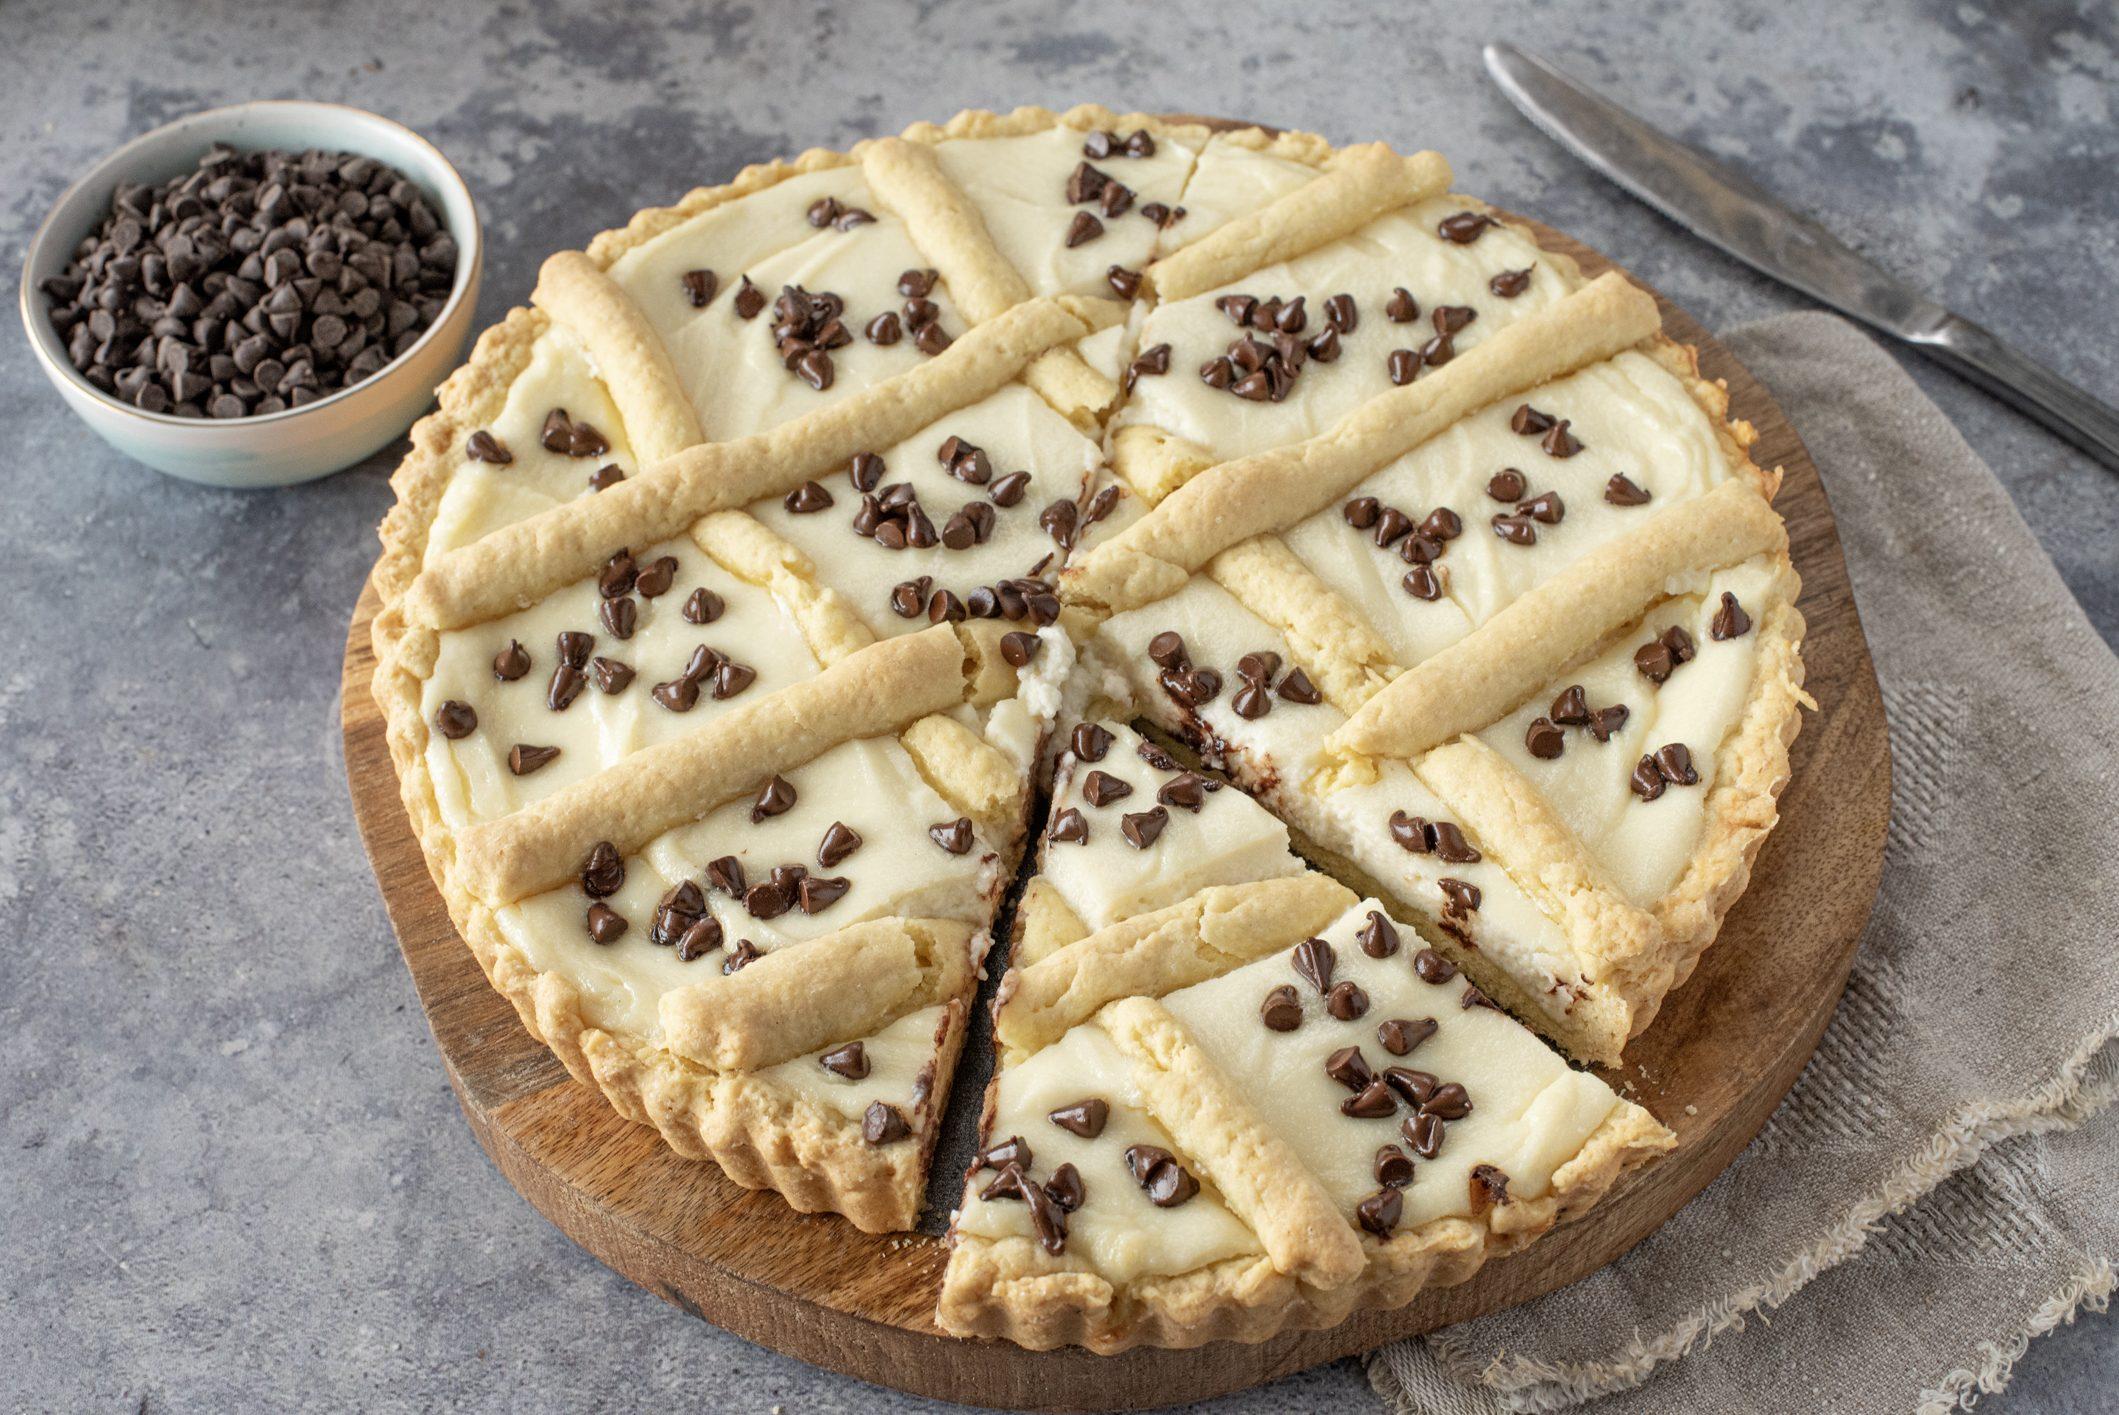 Crostata ricotta e mascarpone: la ricetta del dolce cremoso e irresistibile